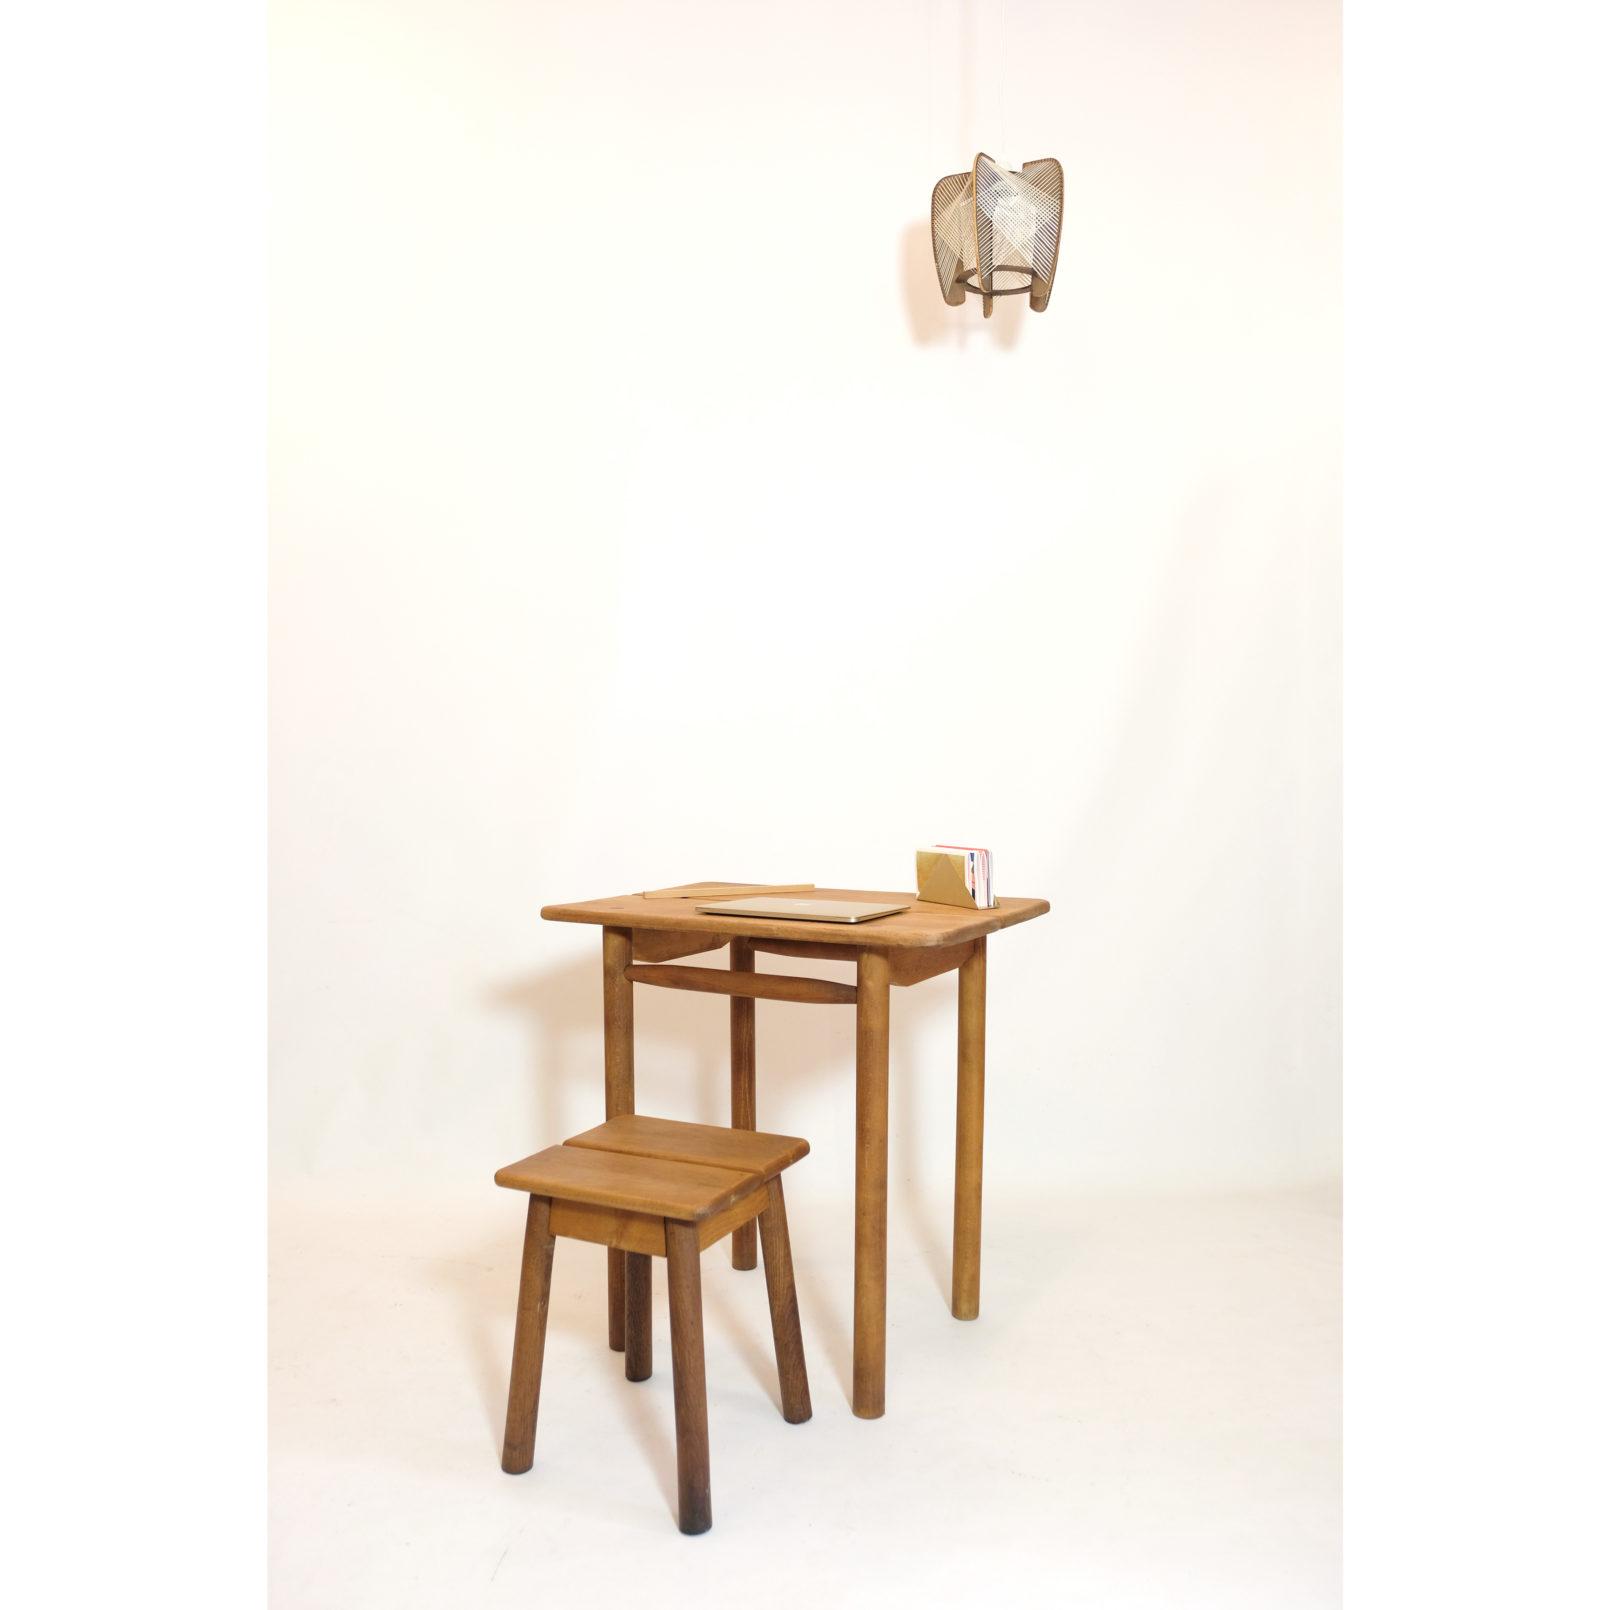 Pierre Gautier Delaye, un petit bureau ou table d'appoint.